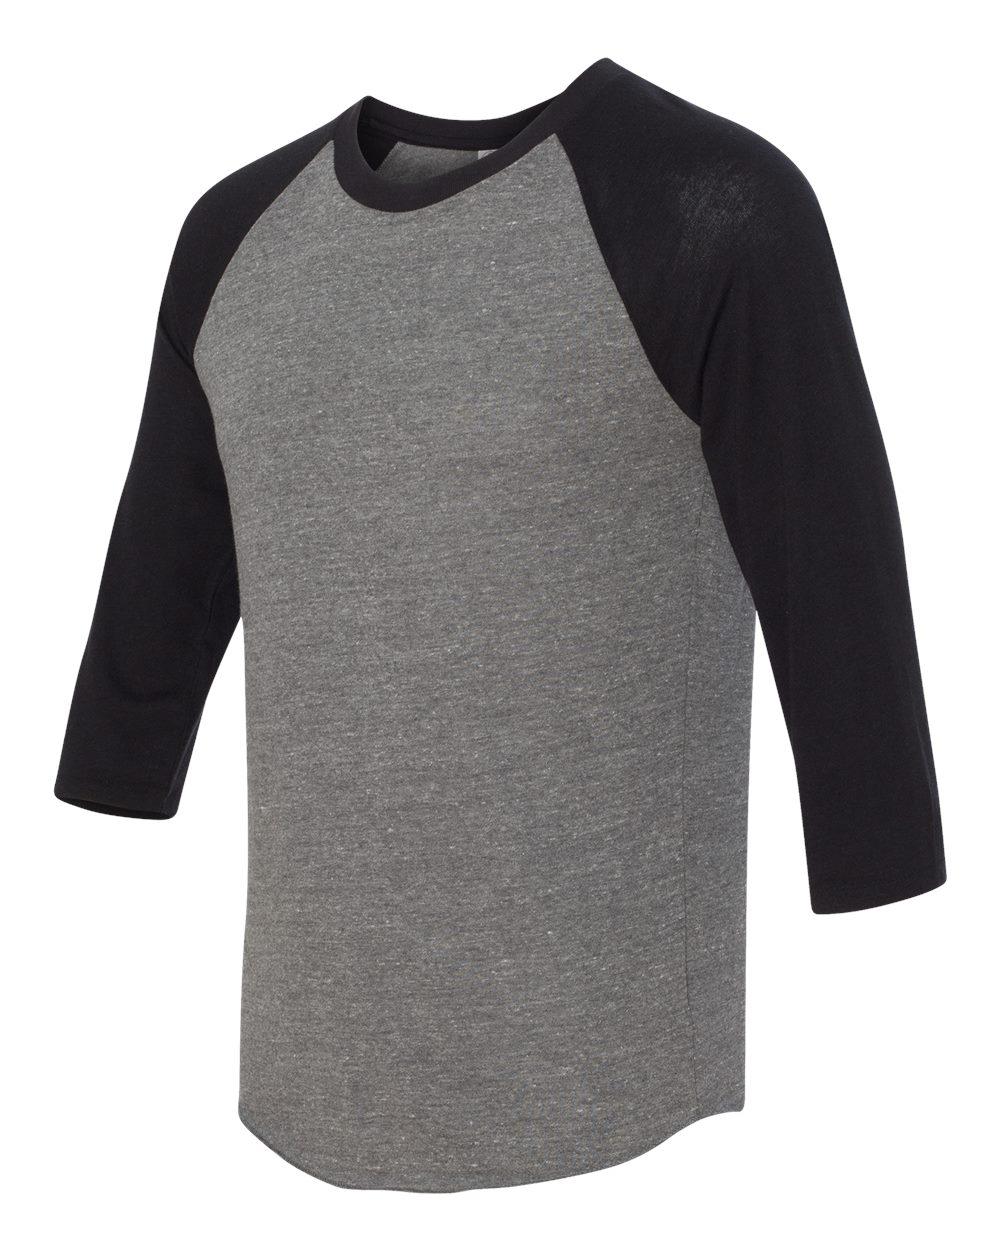 click to view Eco Grey/ Eco True Black